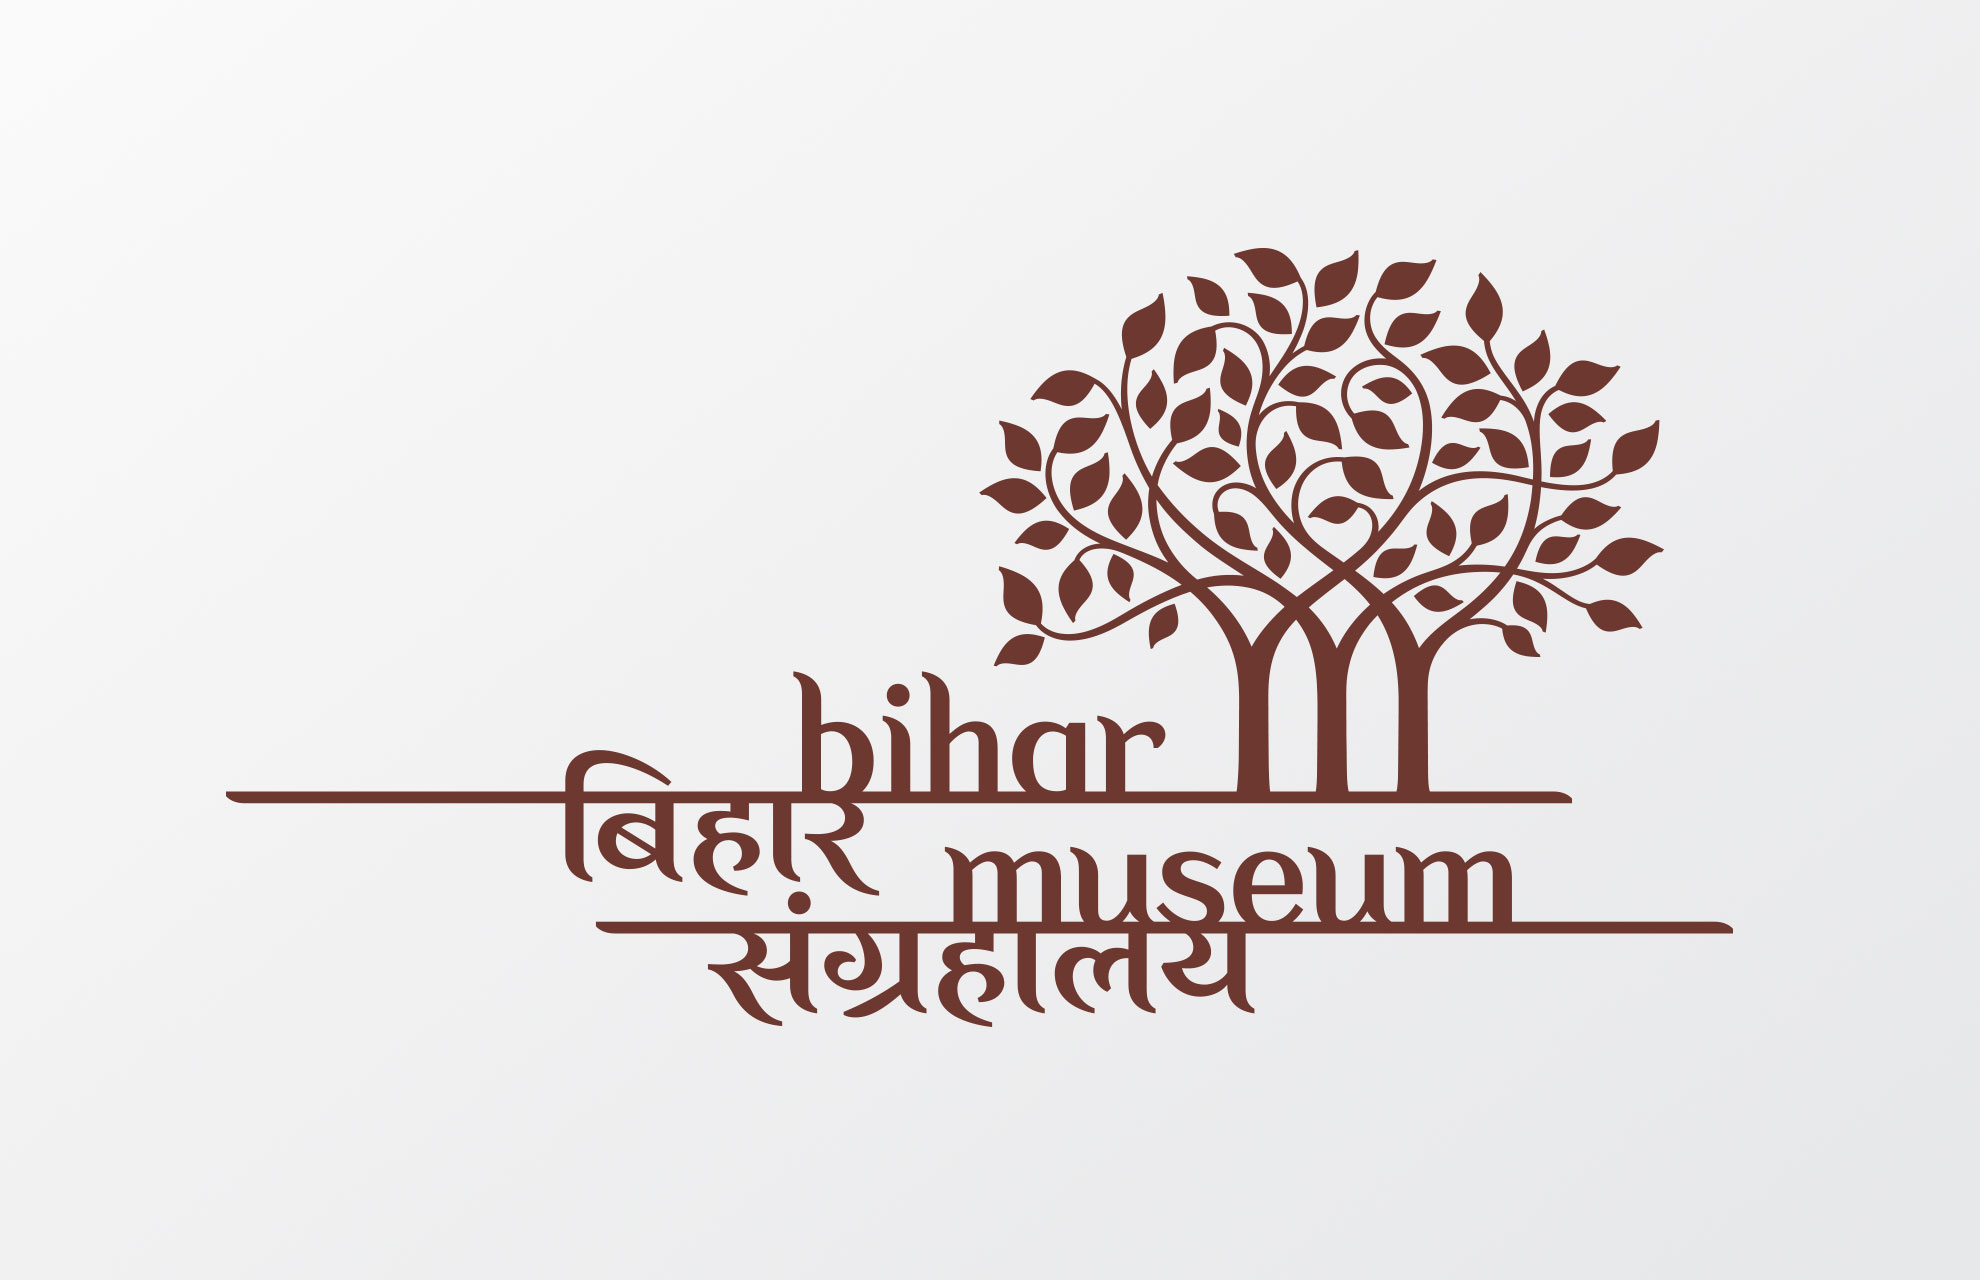 Bihar-Museum-10